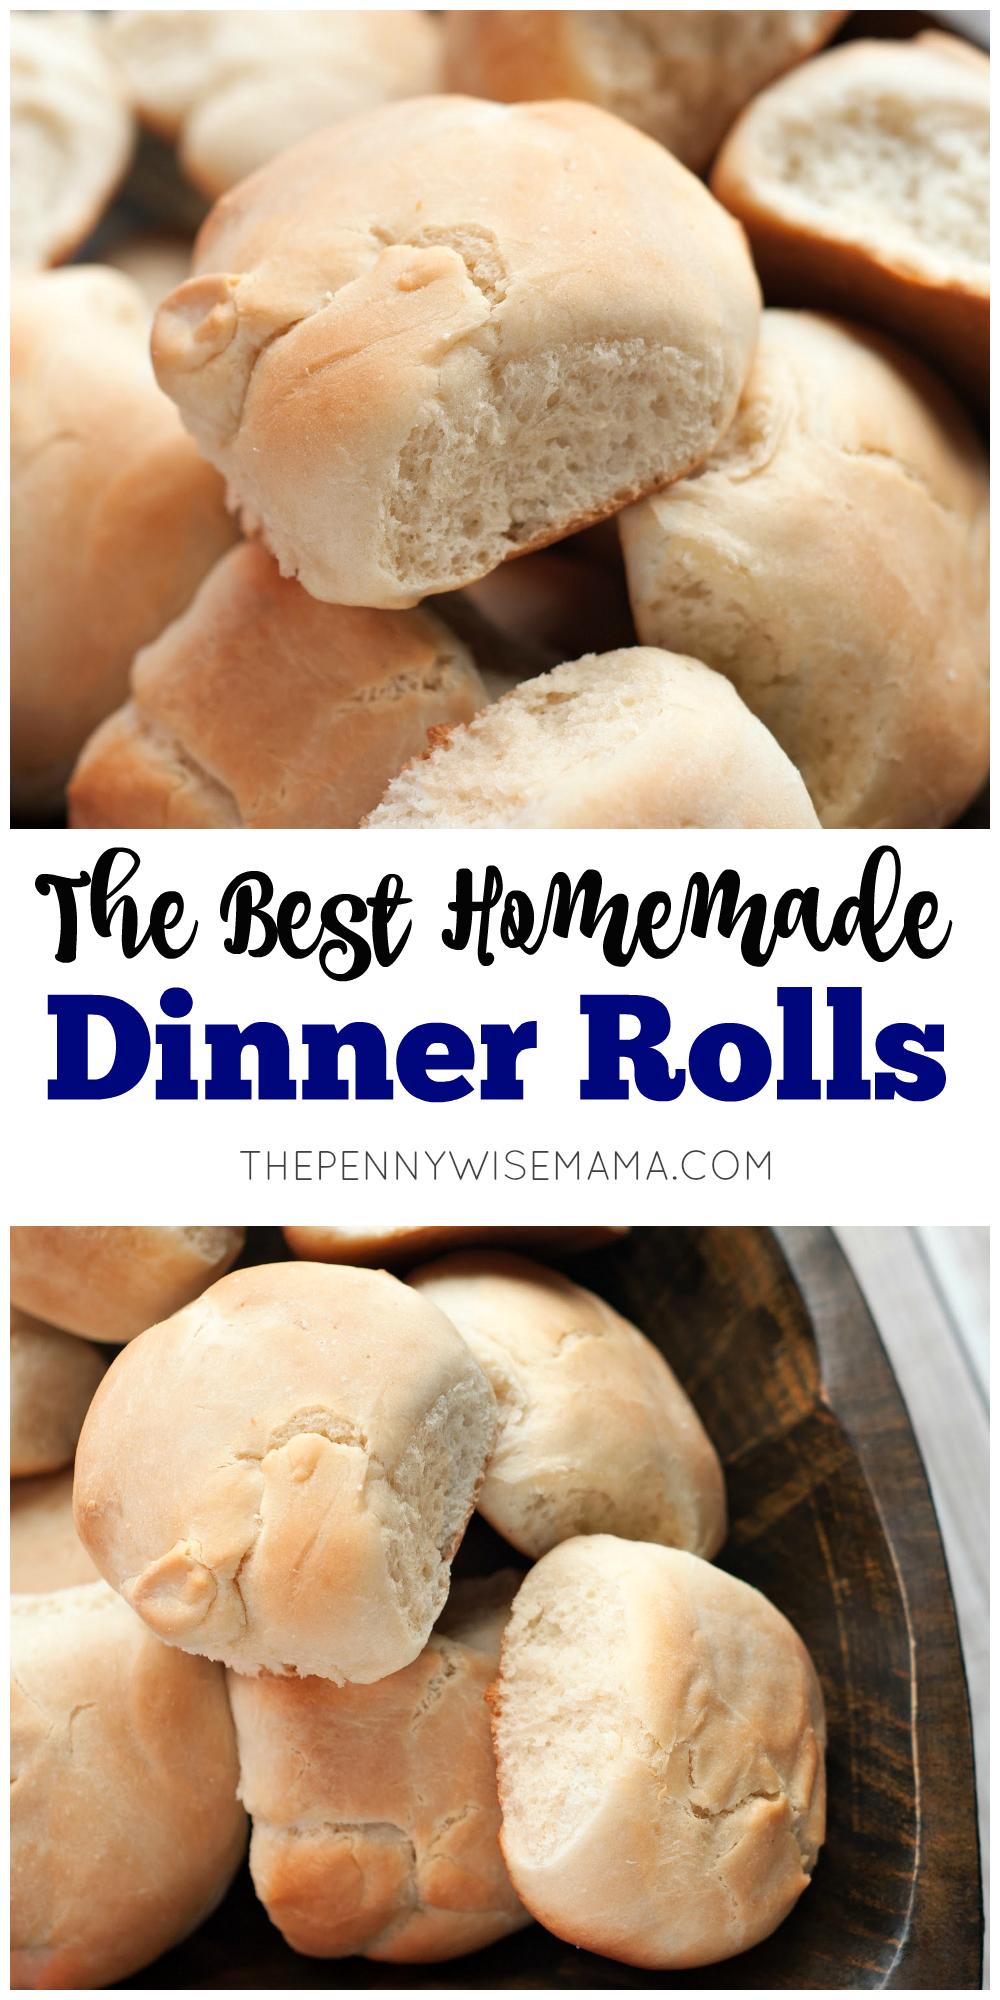 The Best Dinner Rolls - easy homemade recipe!